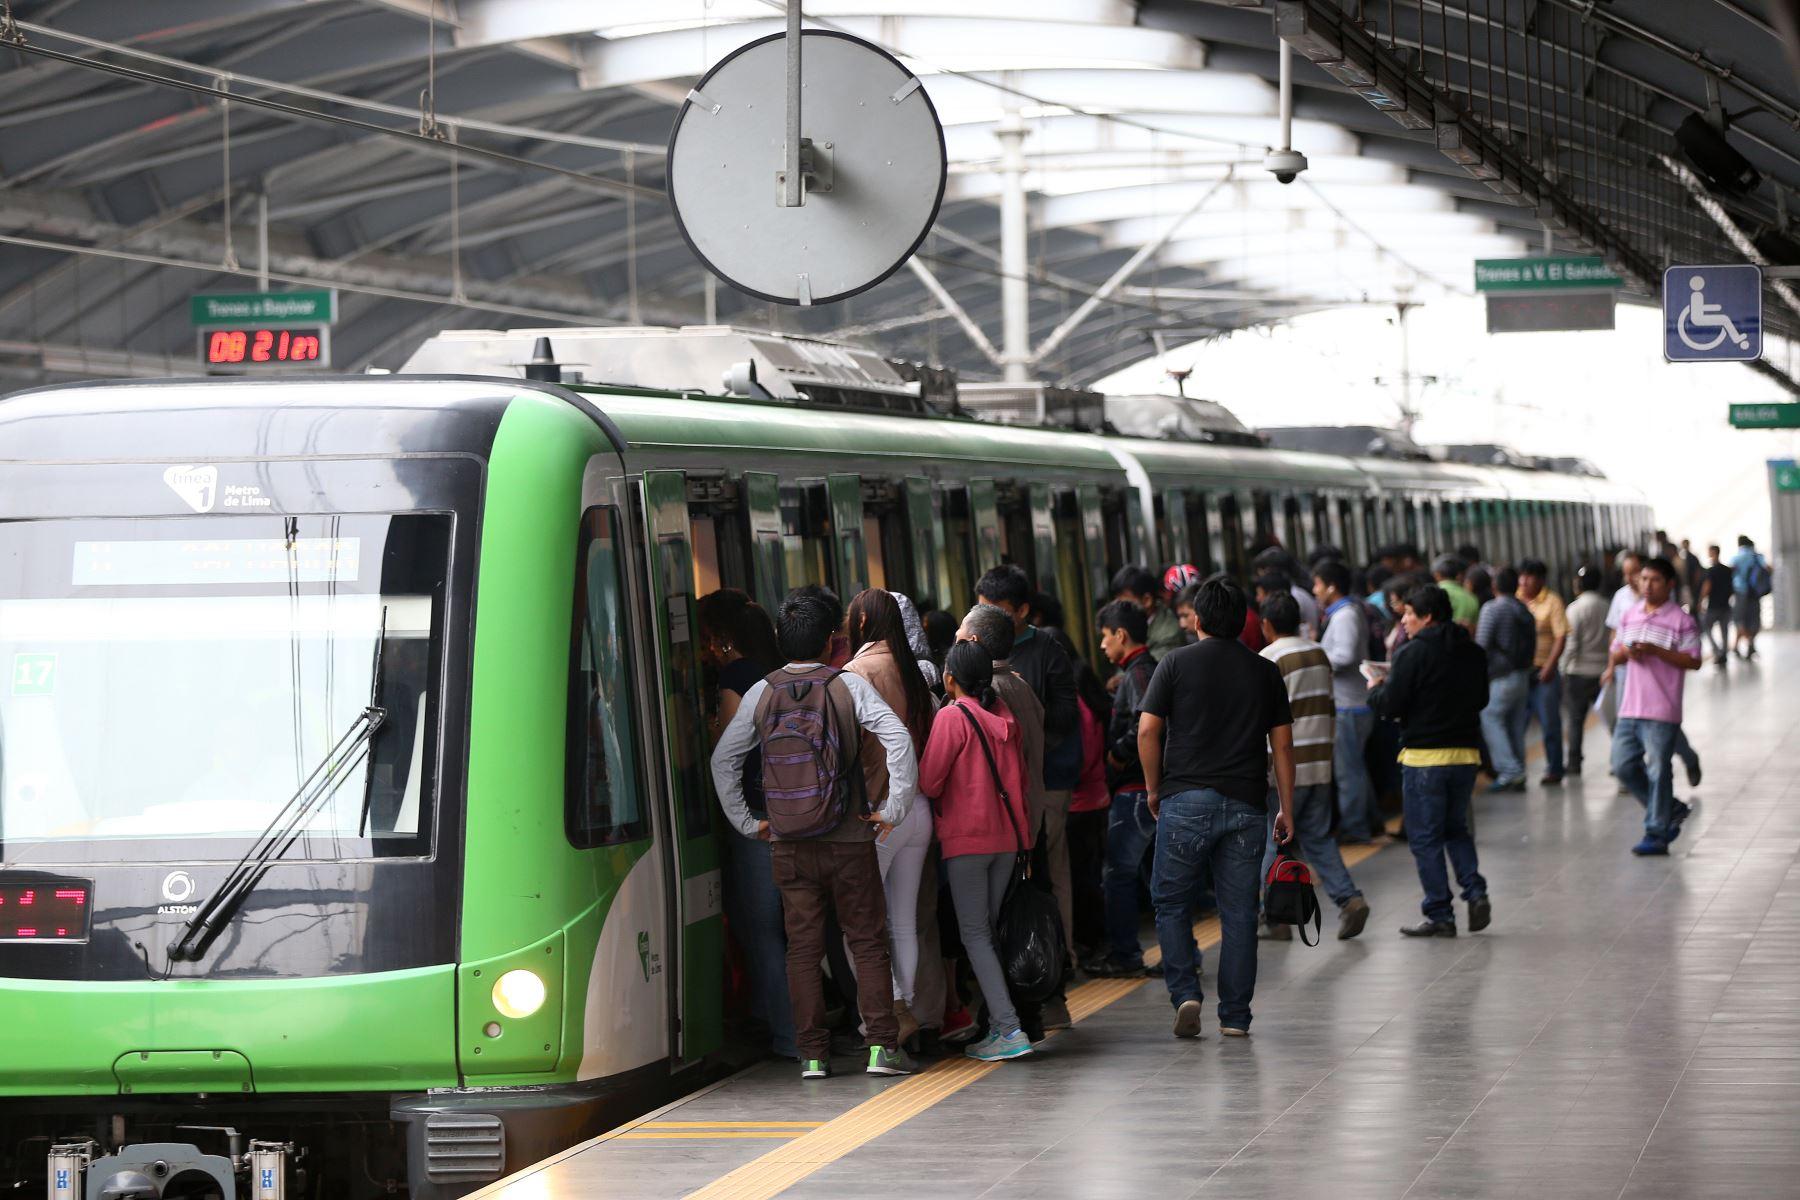 LIMA,PERÚ-MAYO 19.La LÍNEA 1 del Metro de Lima presenta el Plan de Seguridad para el ingreso de pasajeros a sus estaciones, con la finalidad de garantizar la seguridad en el acceso de pasajeros, las mismas que entrarán en funcionamiento en sus 26 estaciones del sistema de transporte.Foto: ANDINA/Norman Córdova